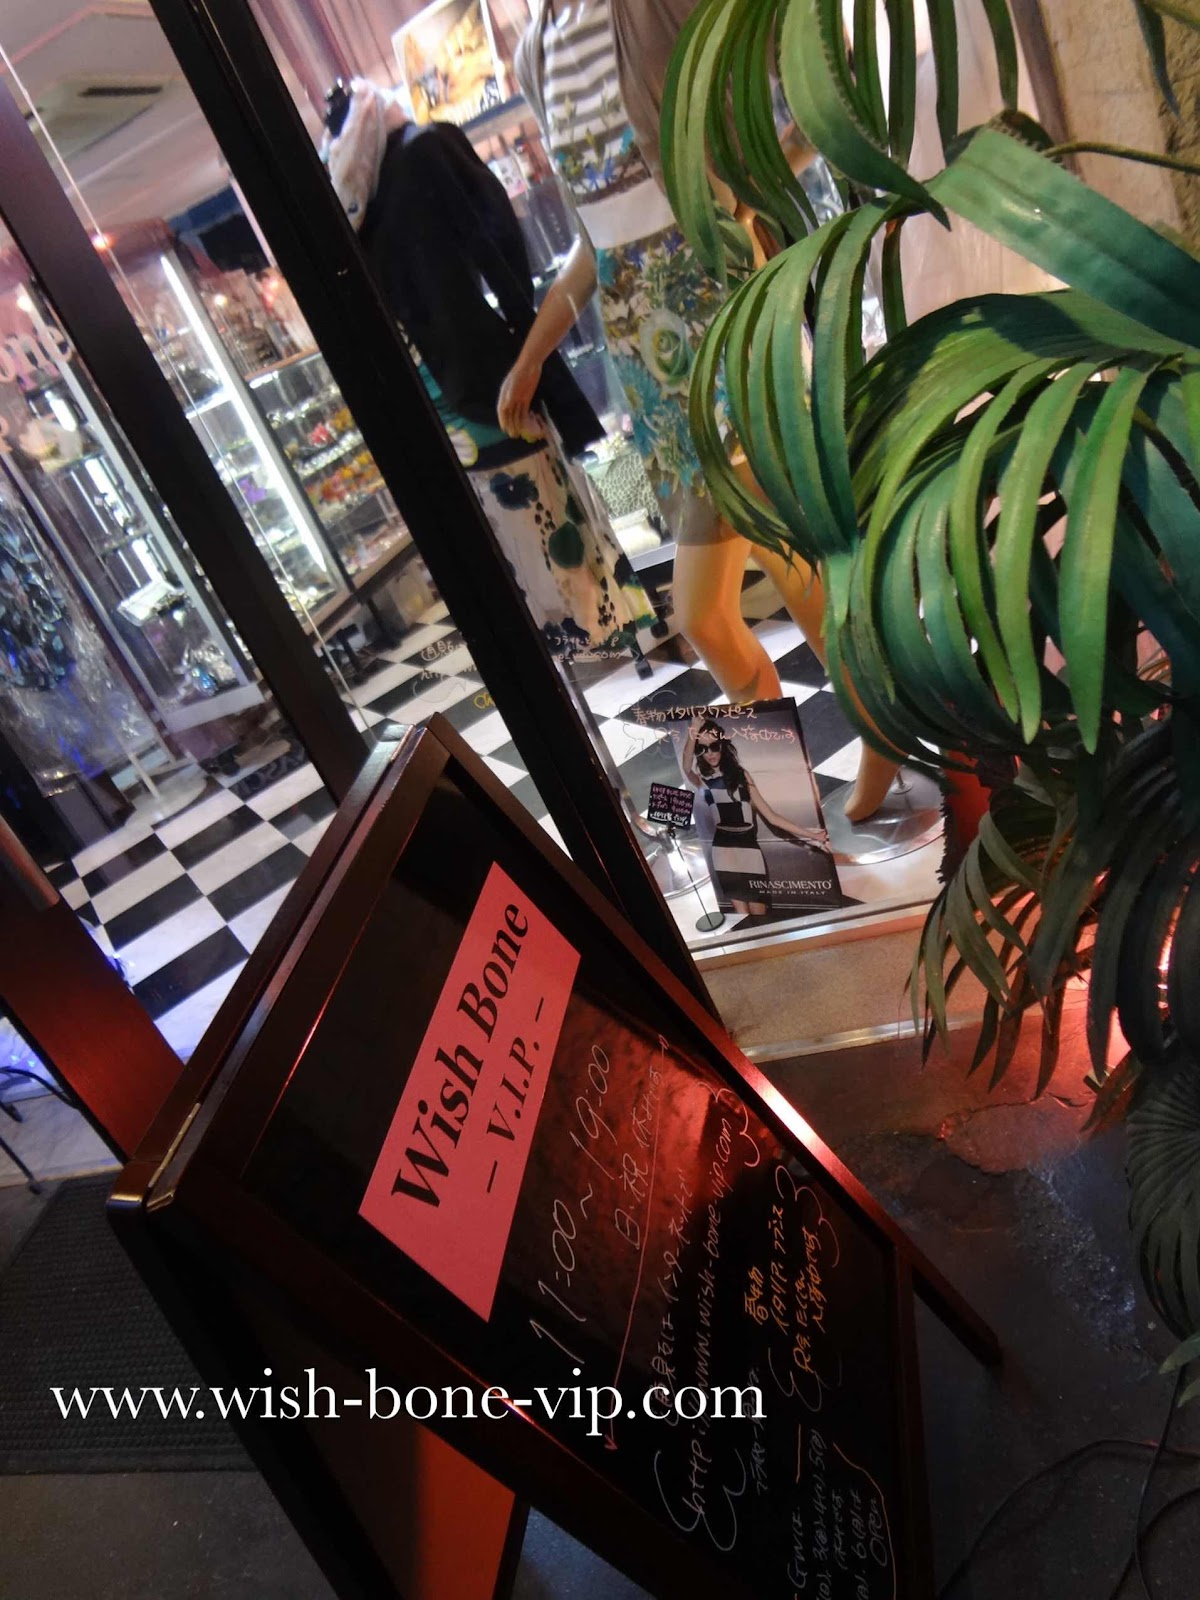 大阪難波のインポートファッションのブティック/セレクトショップWish Bone VIPです。通販も自粛で発送